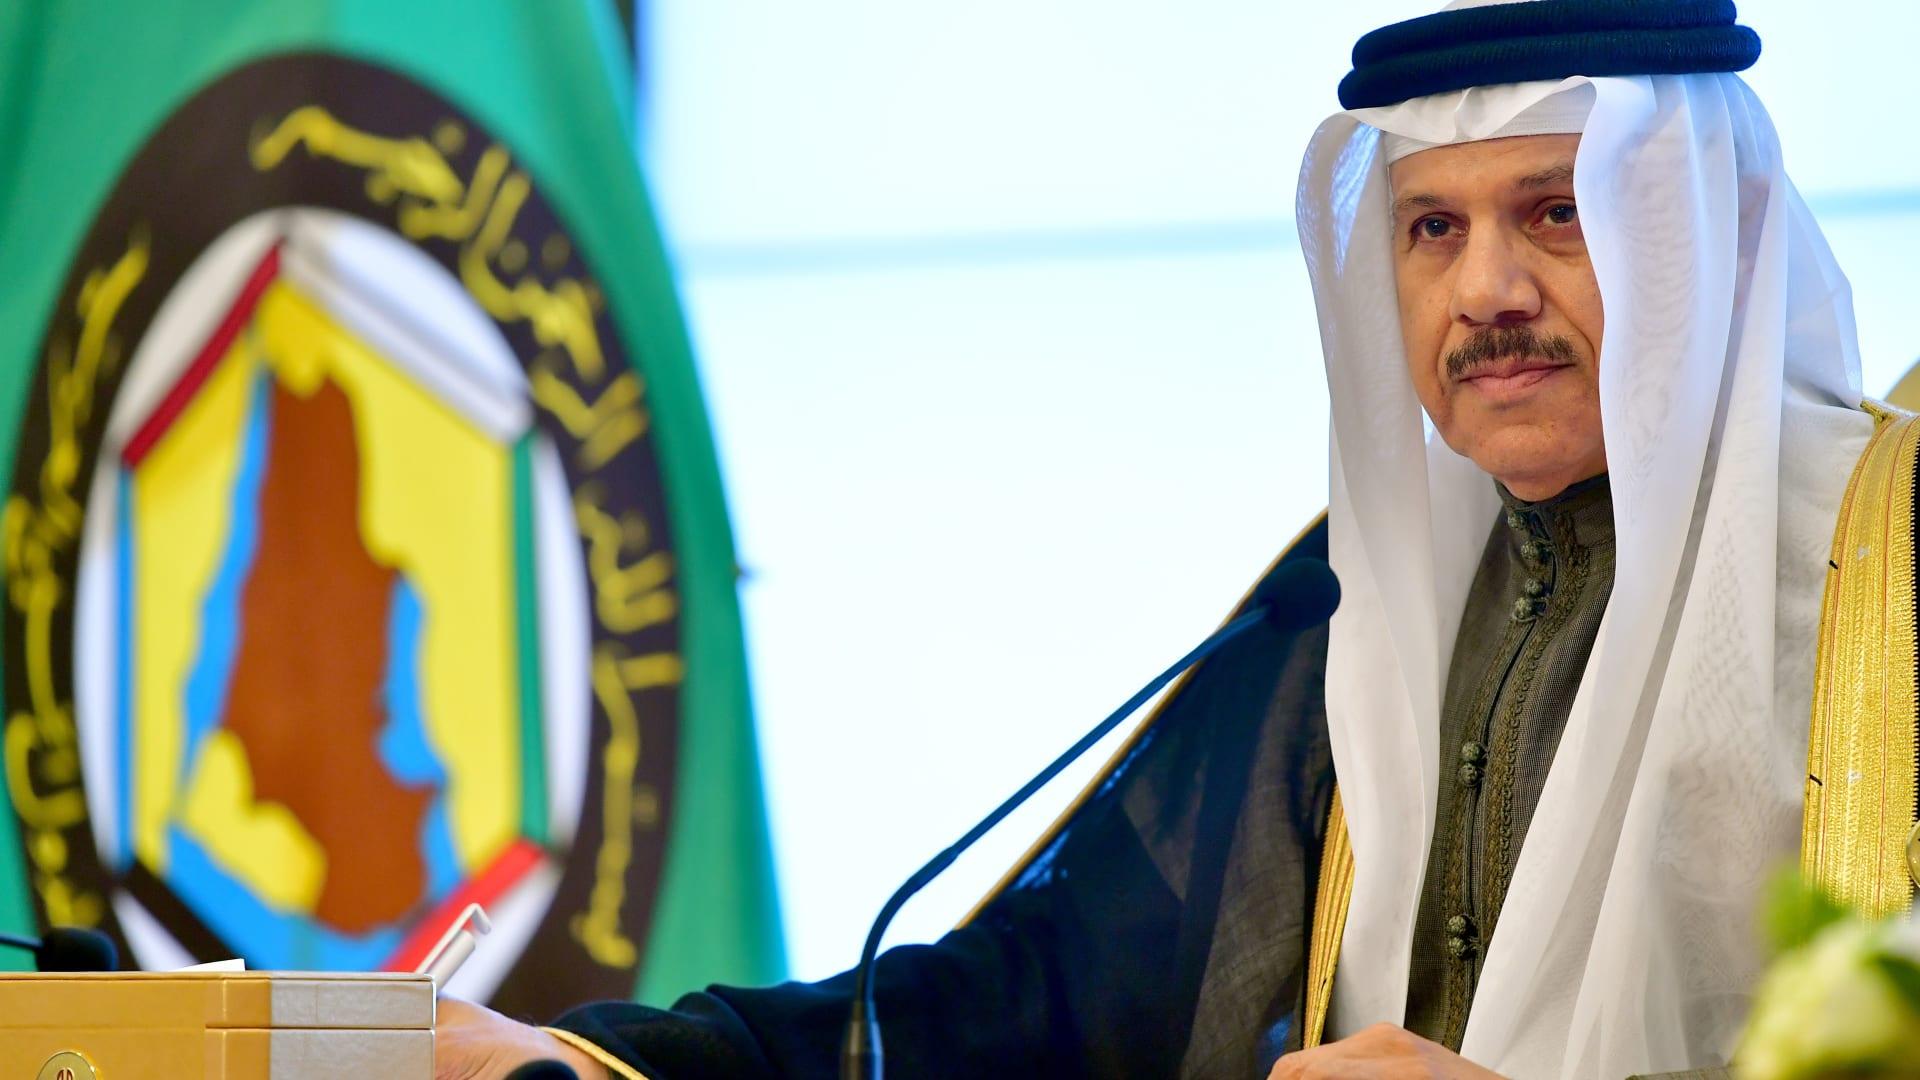 وسط تراجع أسعار النفط وسياسيات ترامب الحمائية.. هل يجب على دول مجلس التعاون الخليجي الاستمرار بربط عملاتها بالدولار؟